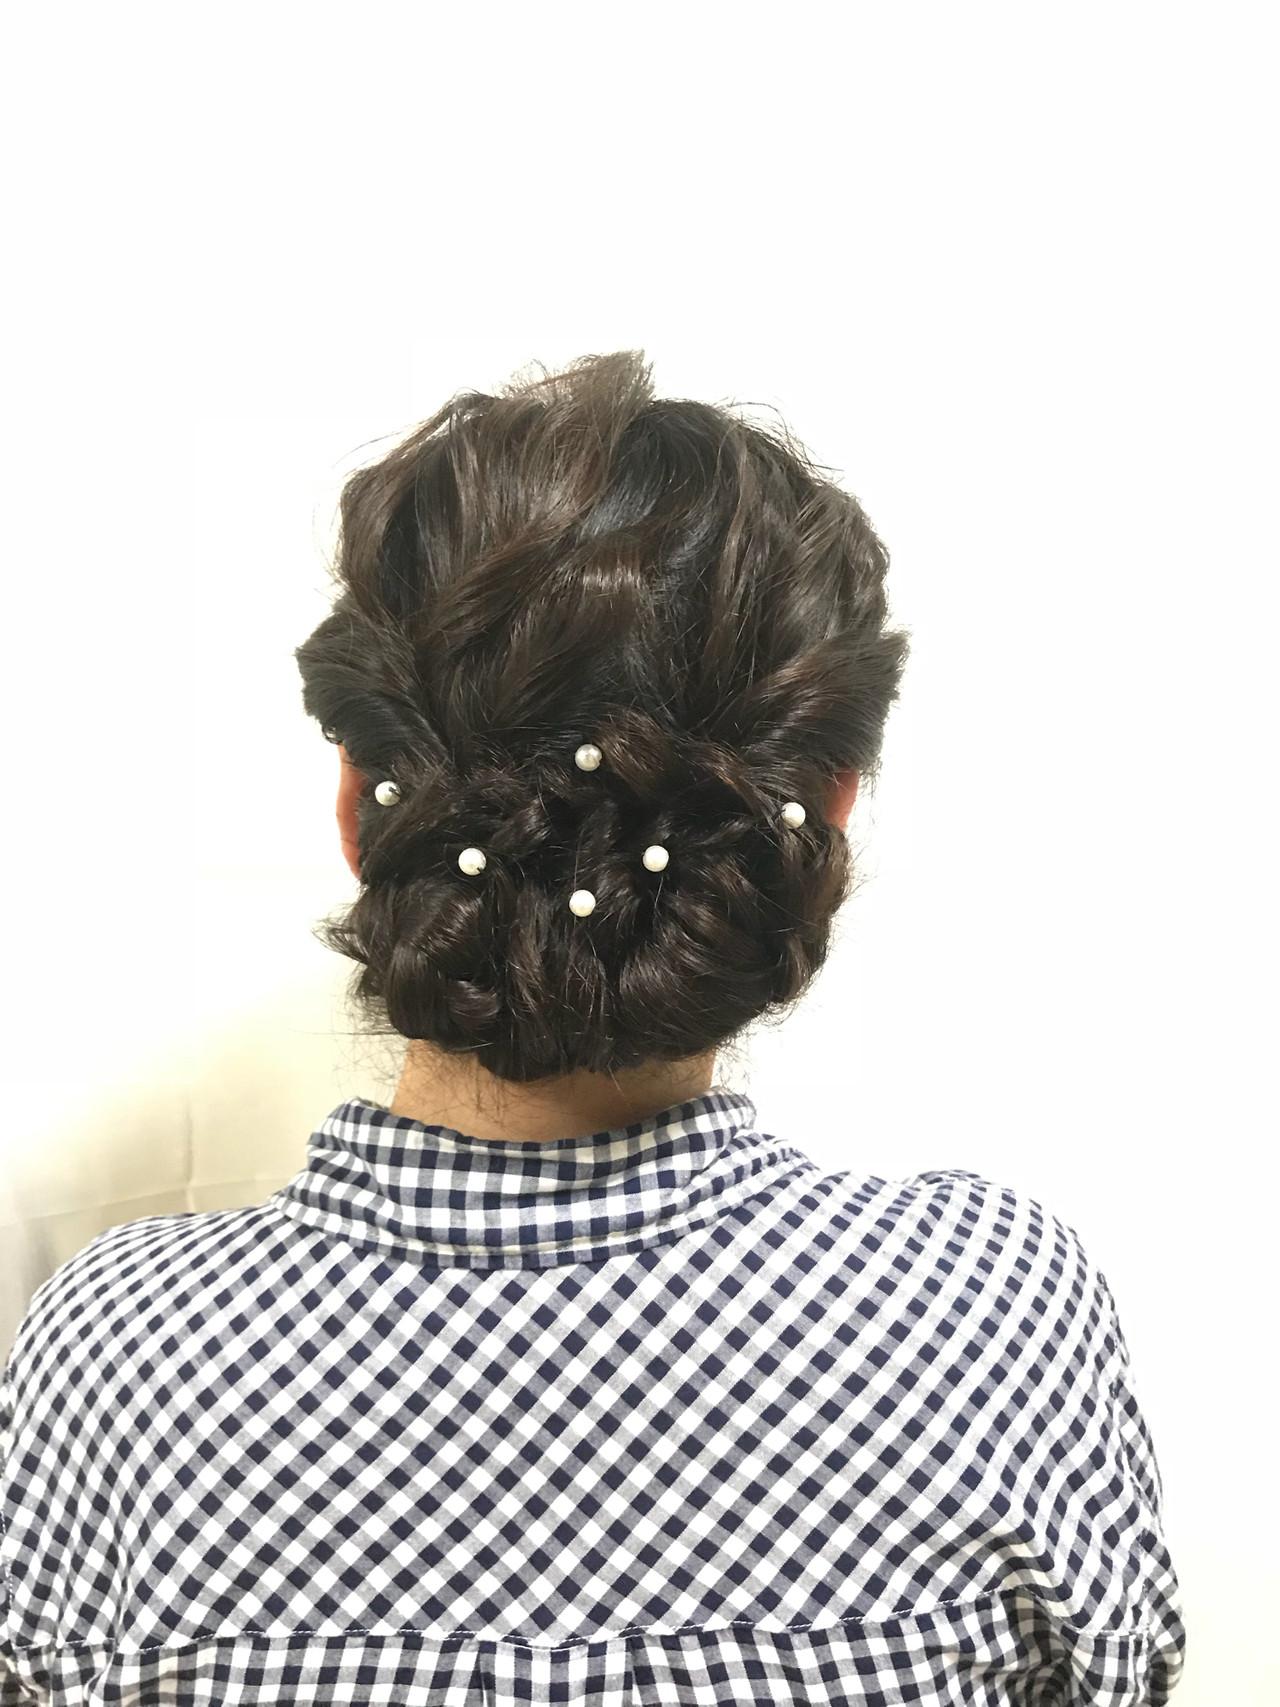 お呼ばれヘア フェミニン パーティヘア ヘアアレンジヘアスタイルや髪型の写真・画像